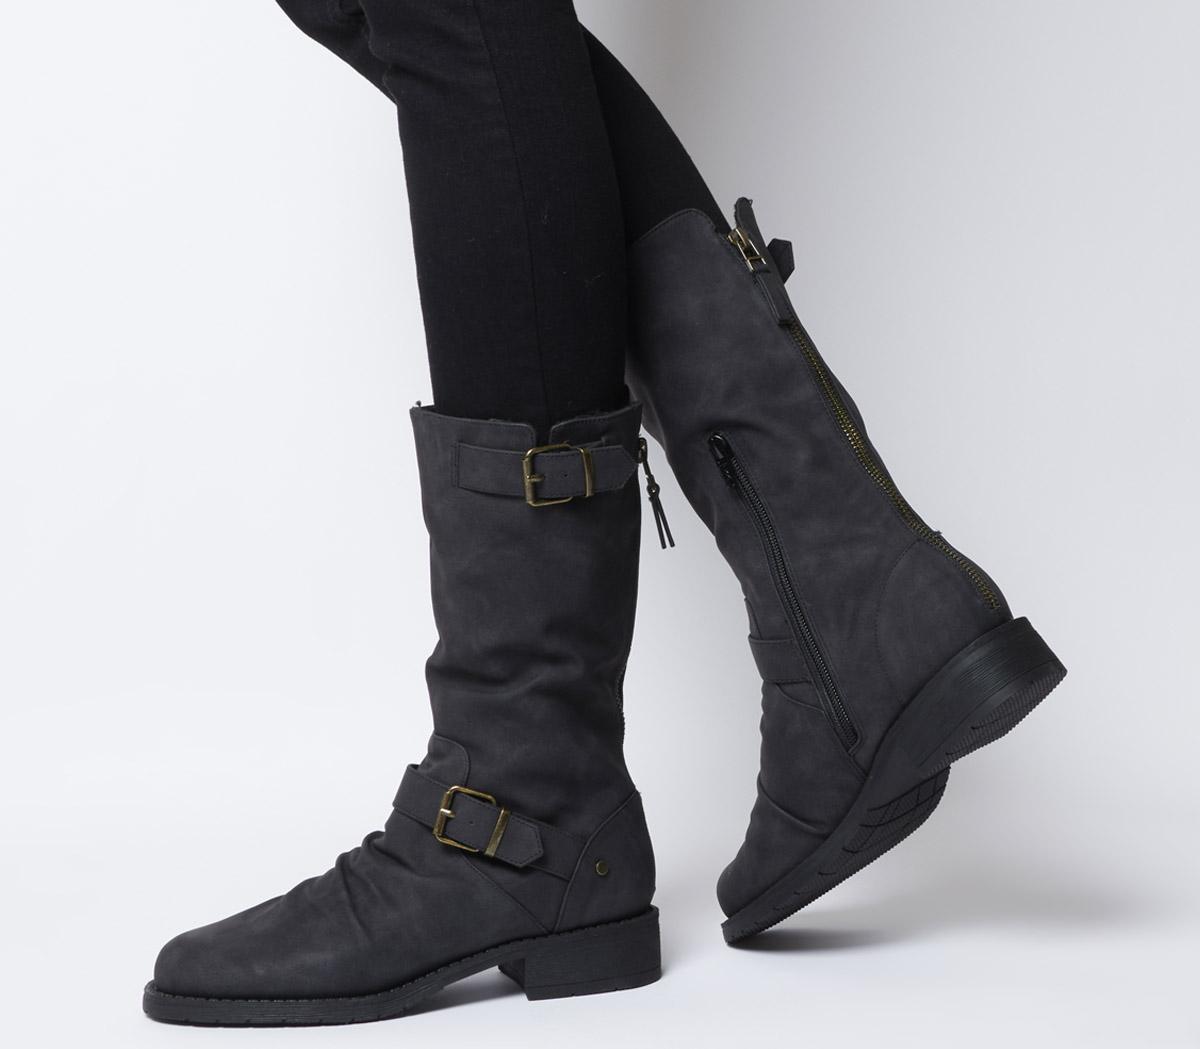 Kale Calf Biker Boots